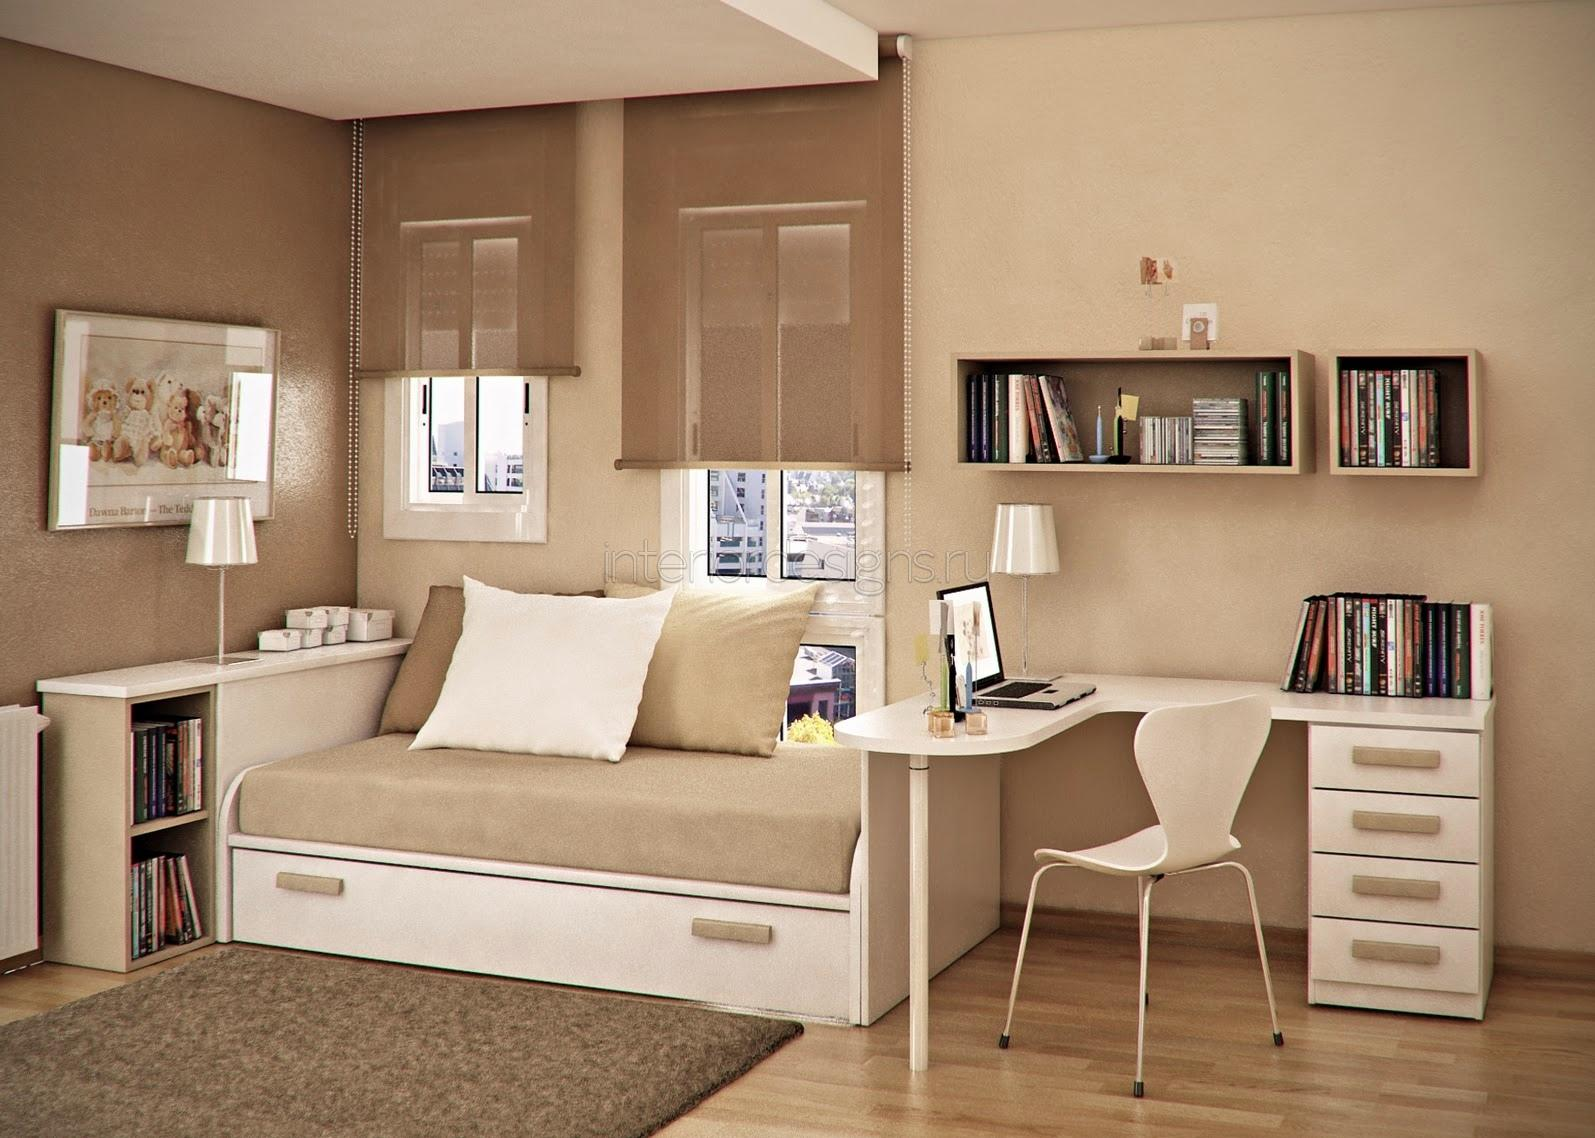 Особенности дизайна маленькой комнаты